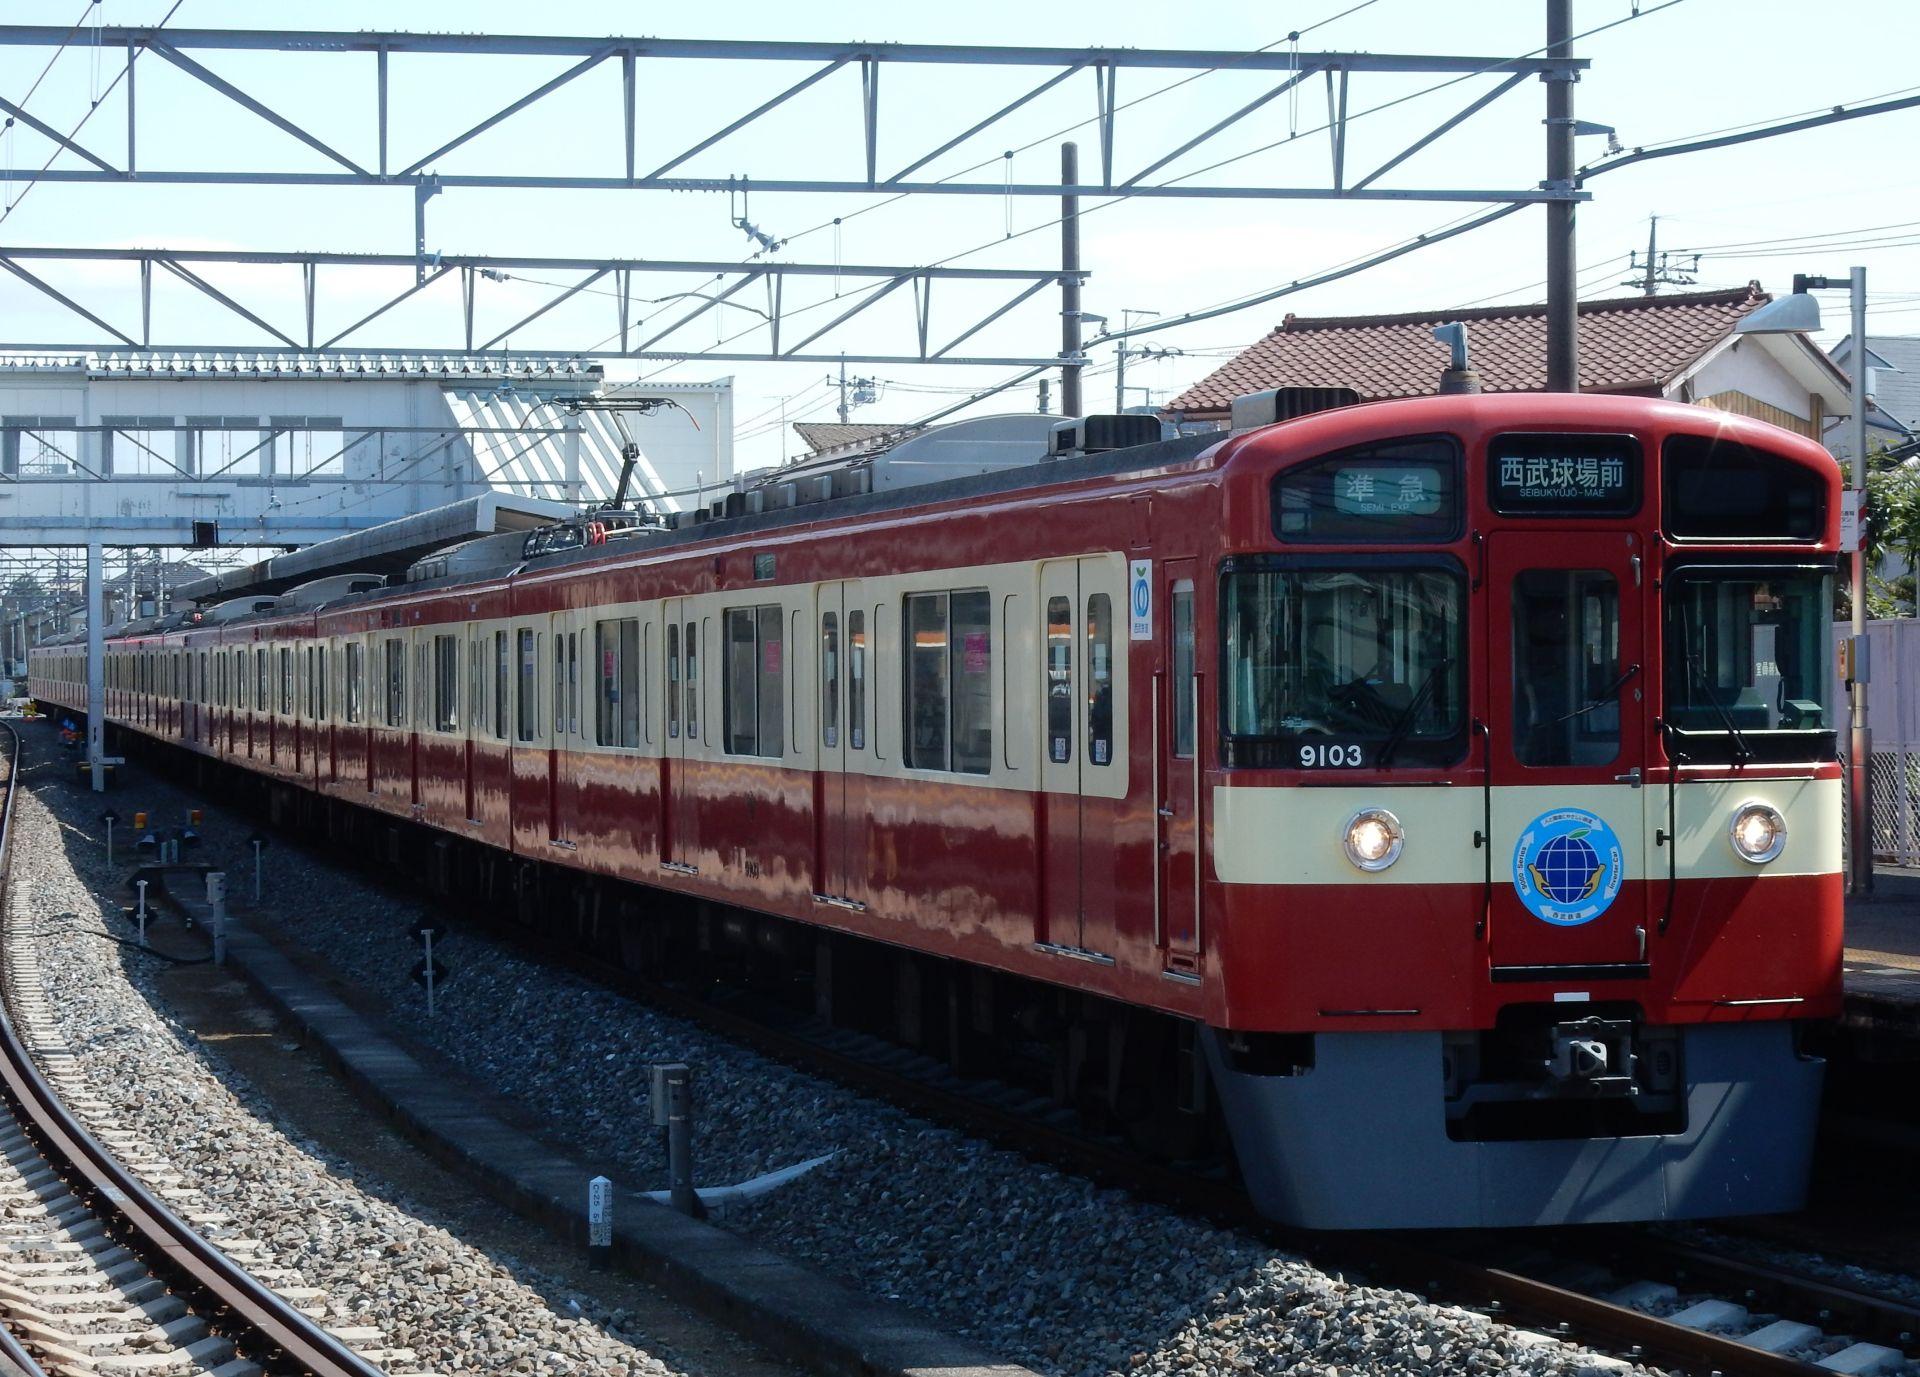 DSCN6055 - コピー